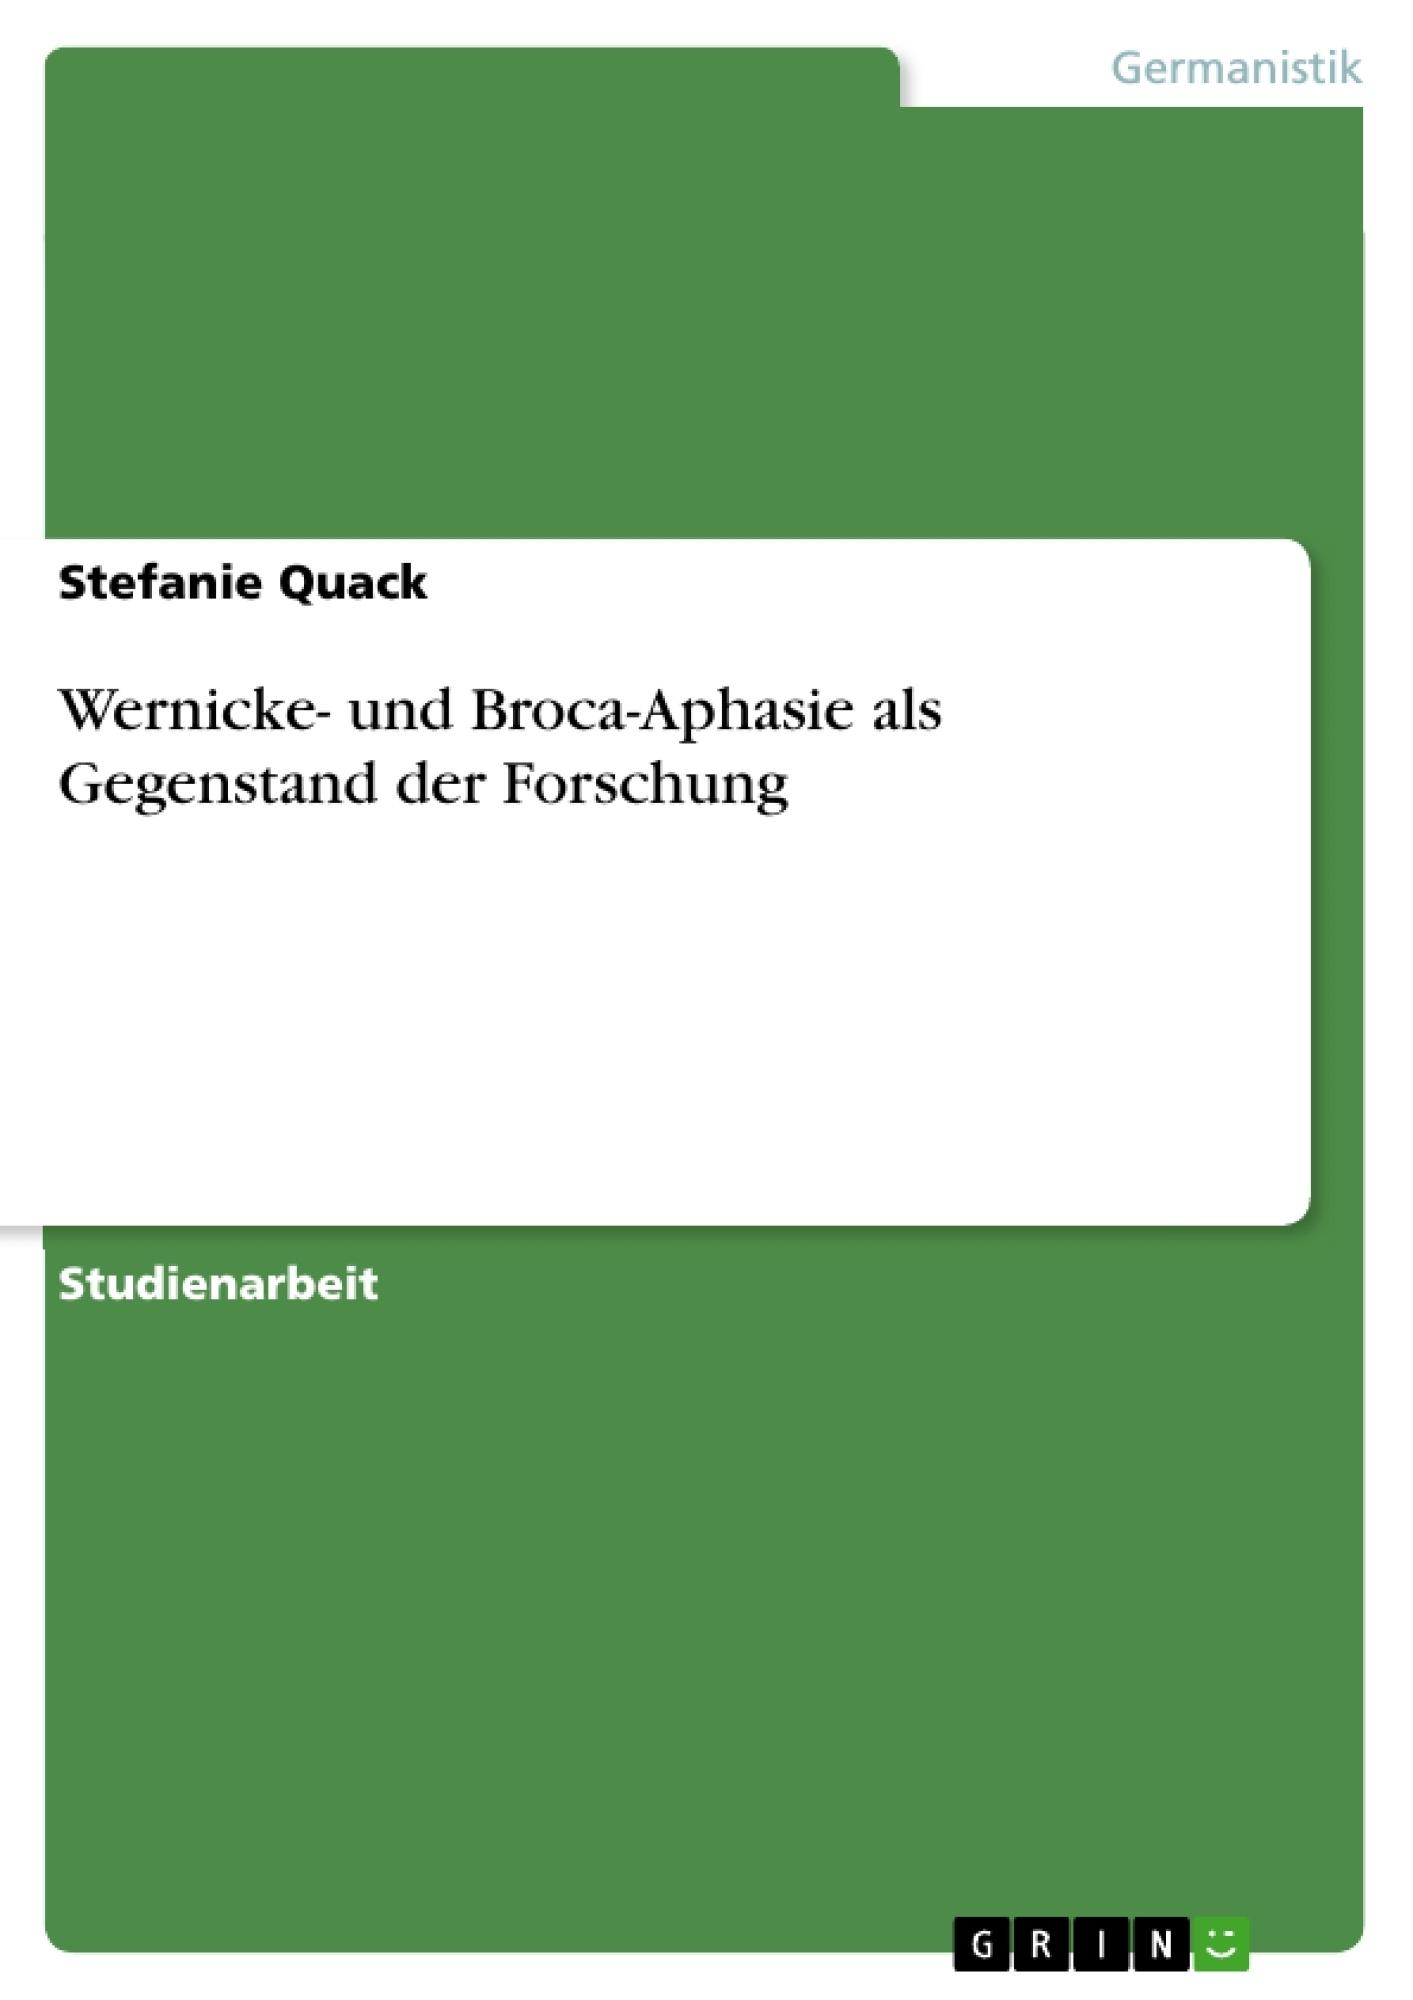 Titel: Wernicke- und Broca-Aphasie als Gegenstand der Forschung